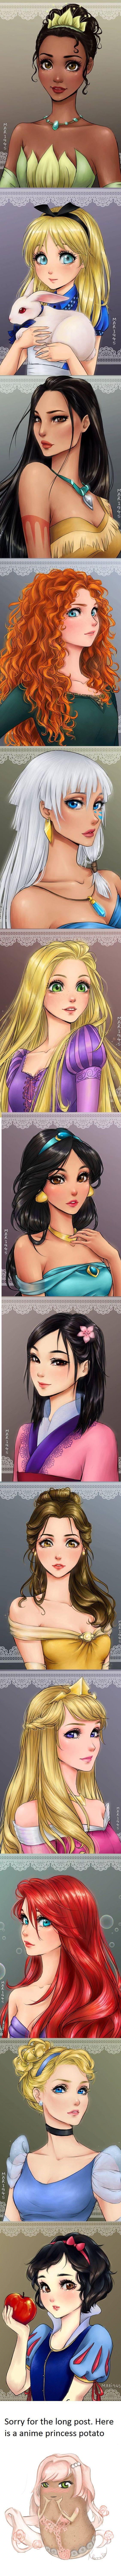 L'univers des princesse manga: